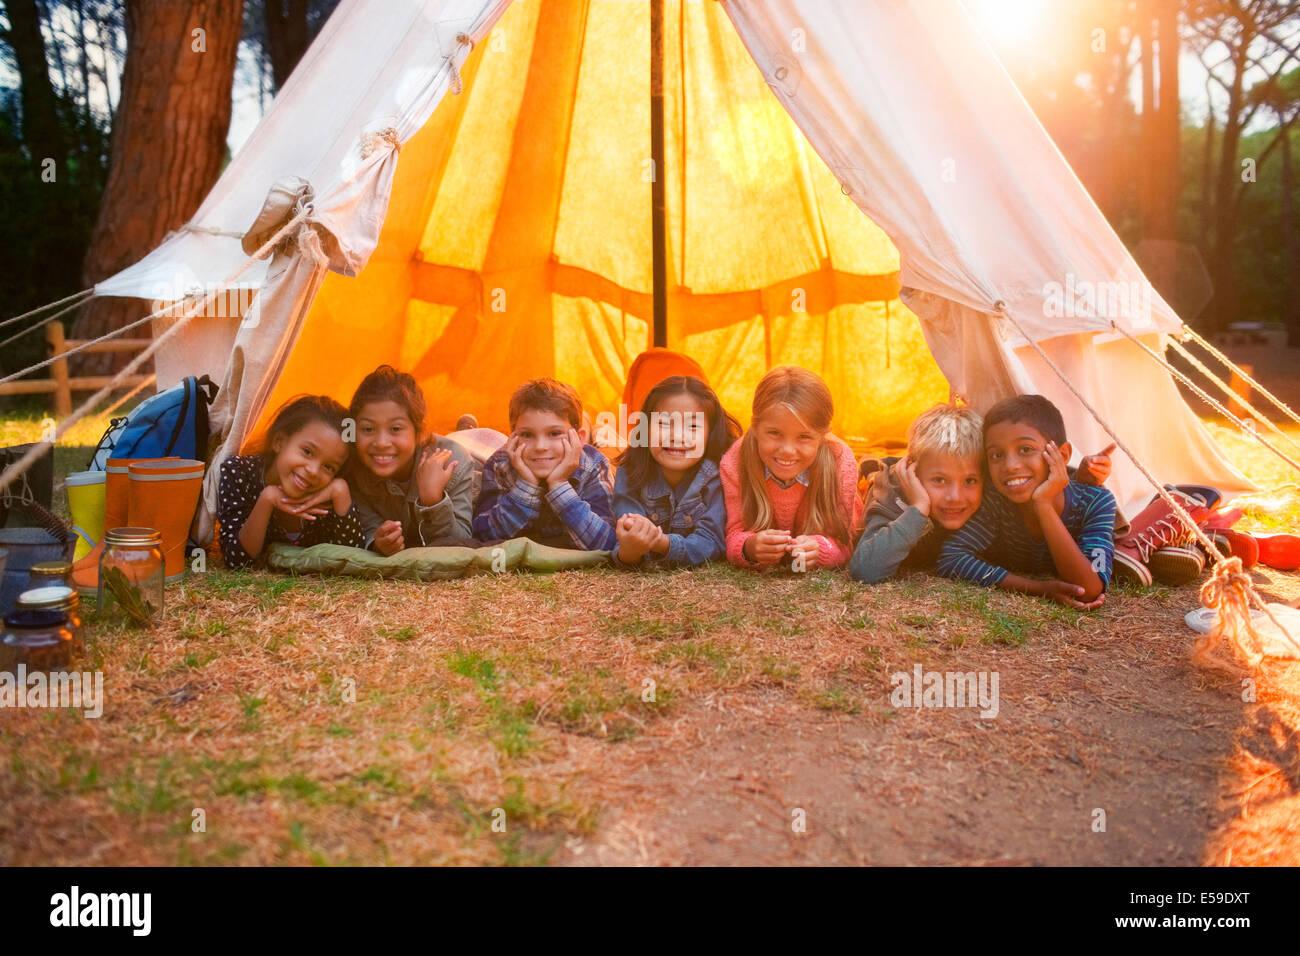 Los niños sonrientes en tienda en el camping Imagen De Stock